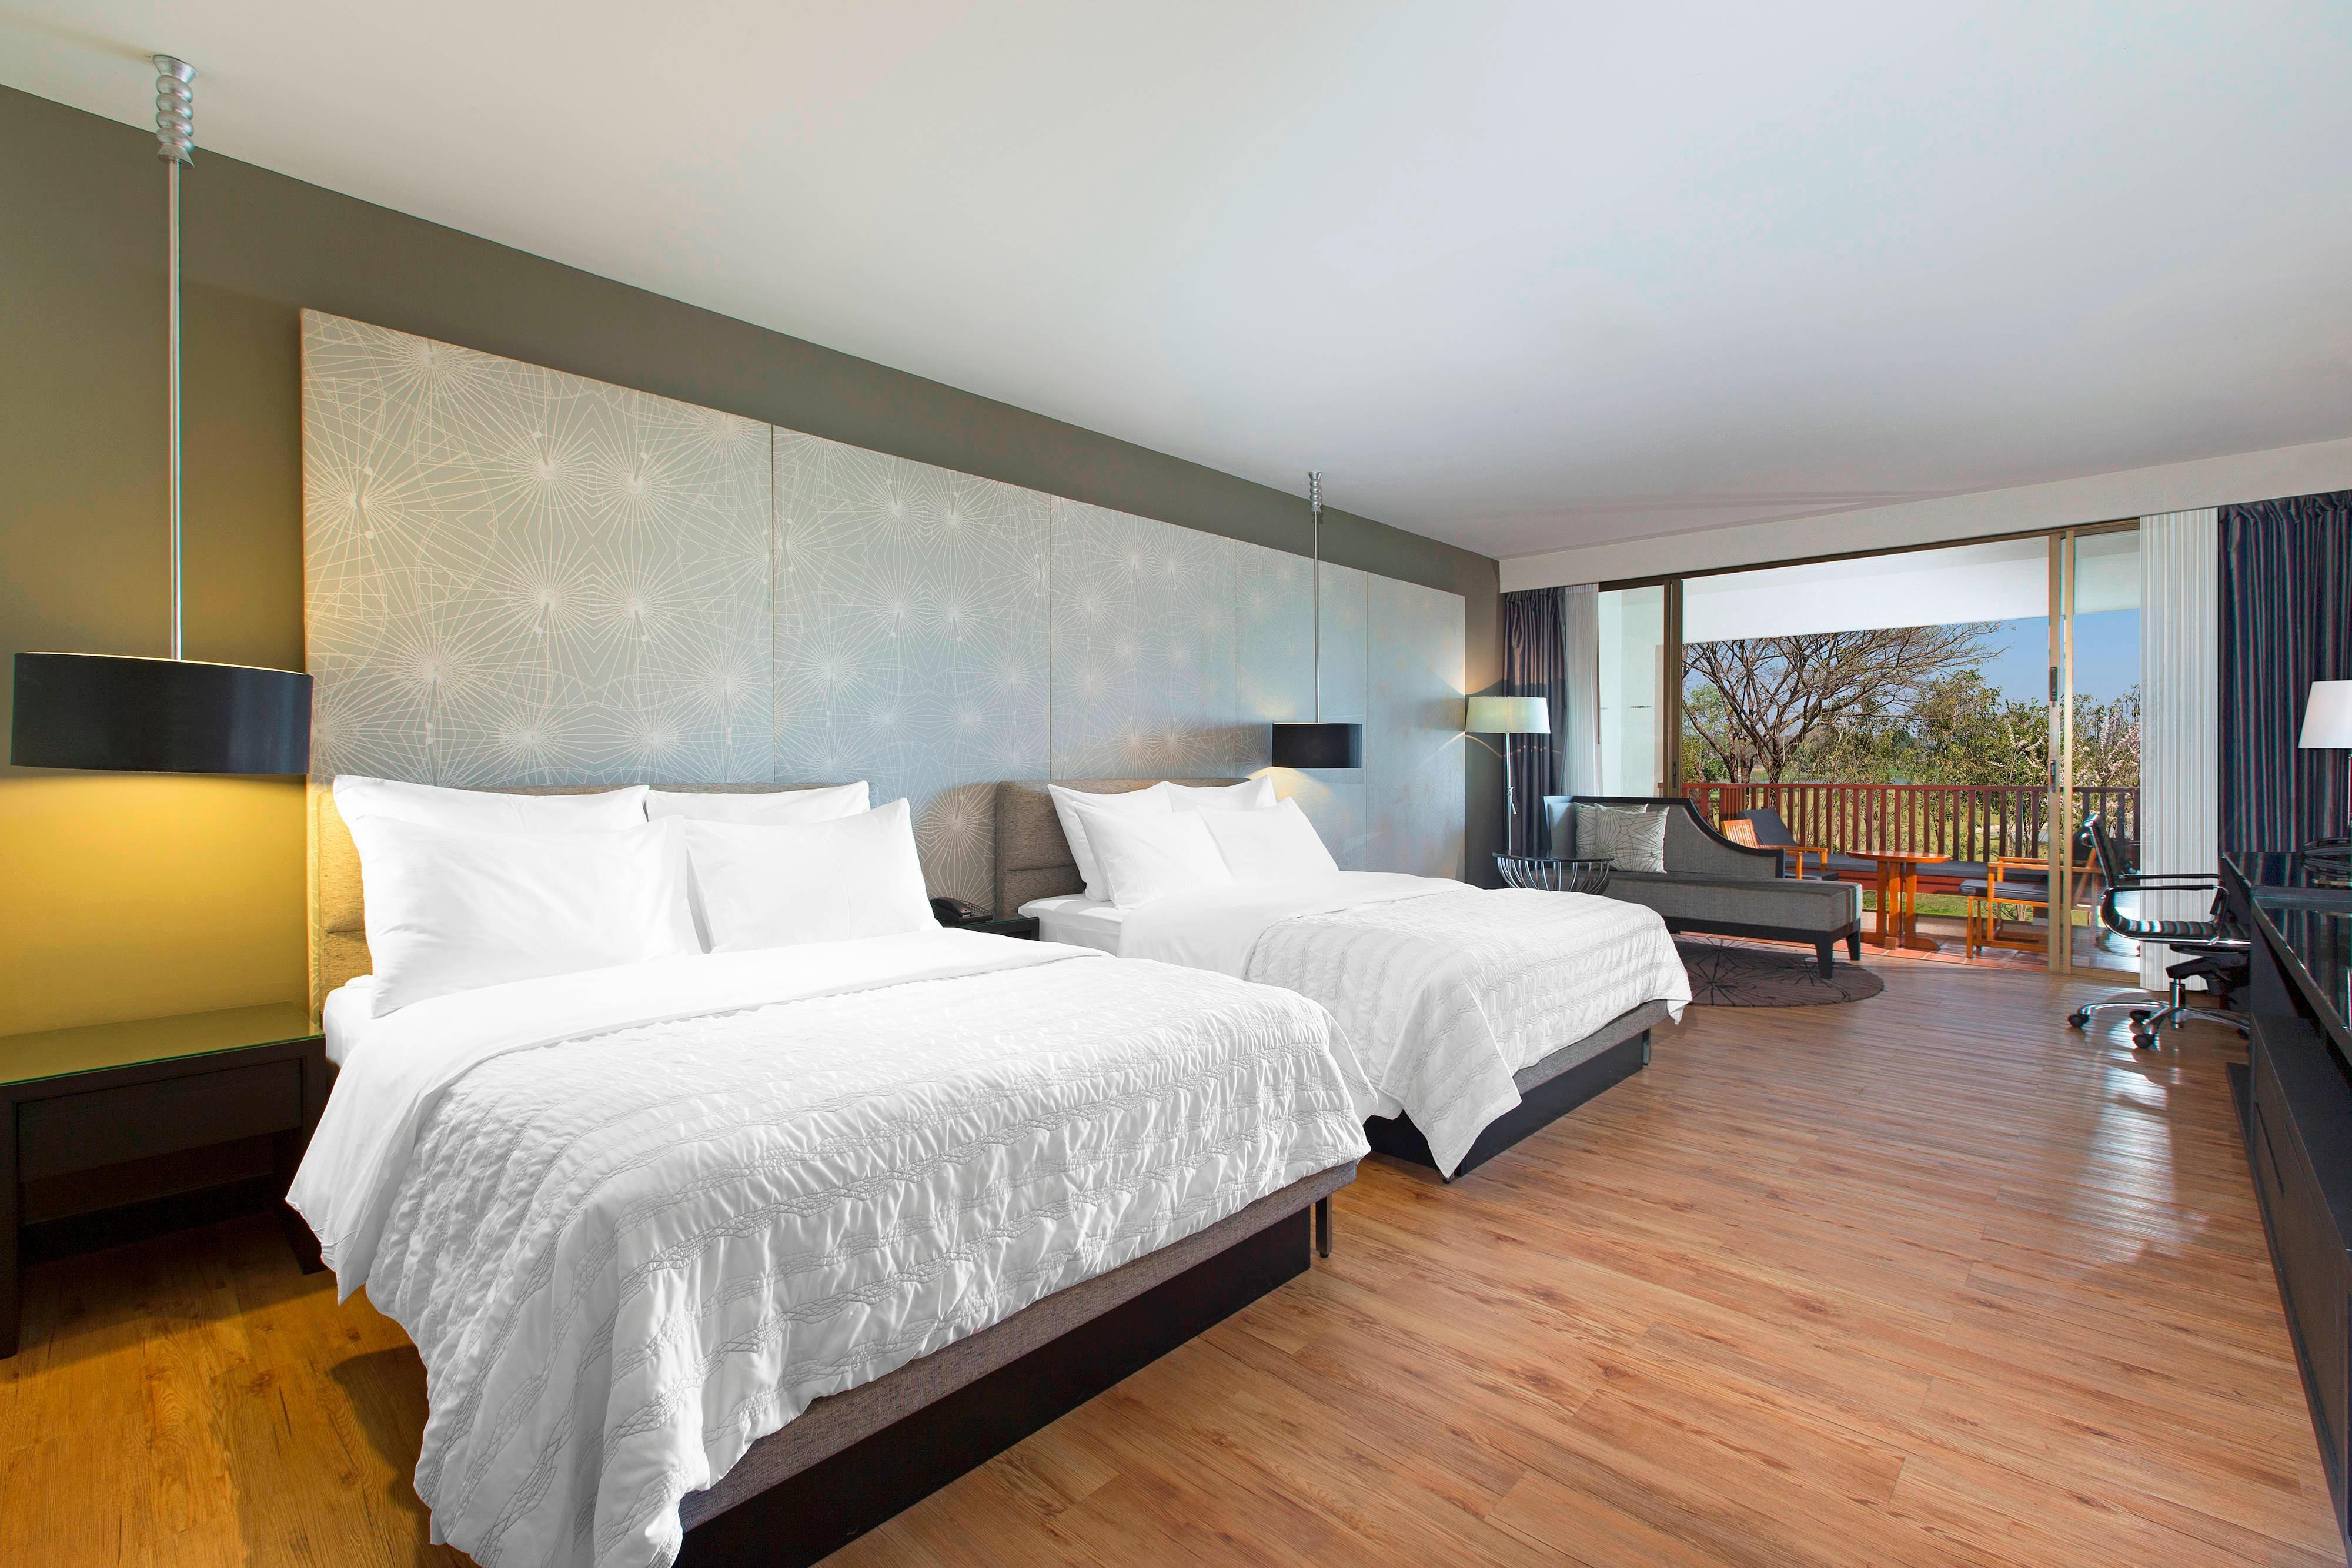 Deluxe Garden View - Twin beds